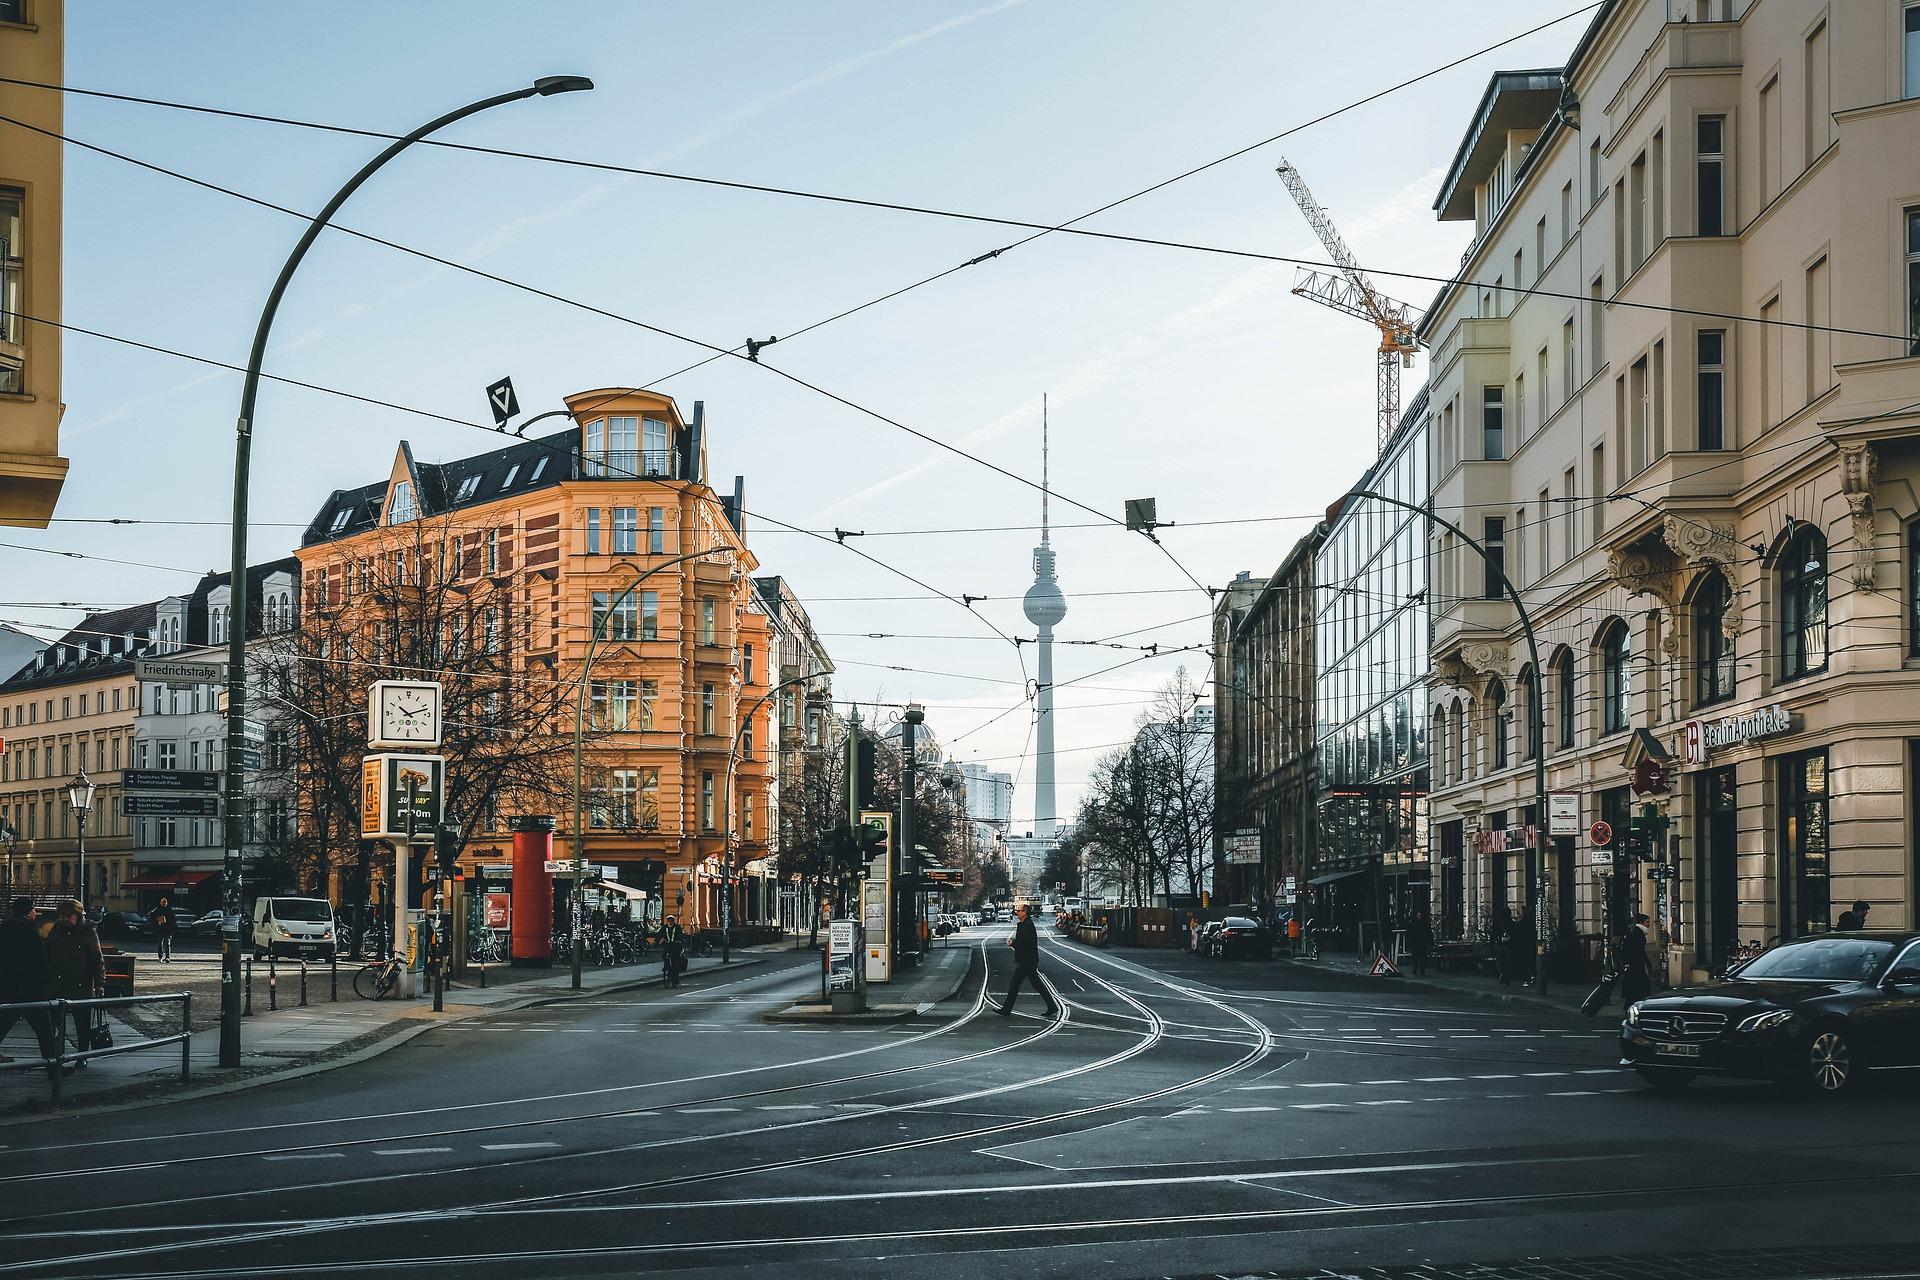 Fernsehturm Und Straßen Mit öffentlichen Verkehrsmitteln In Berlin